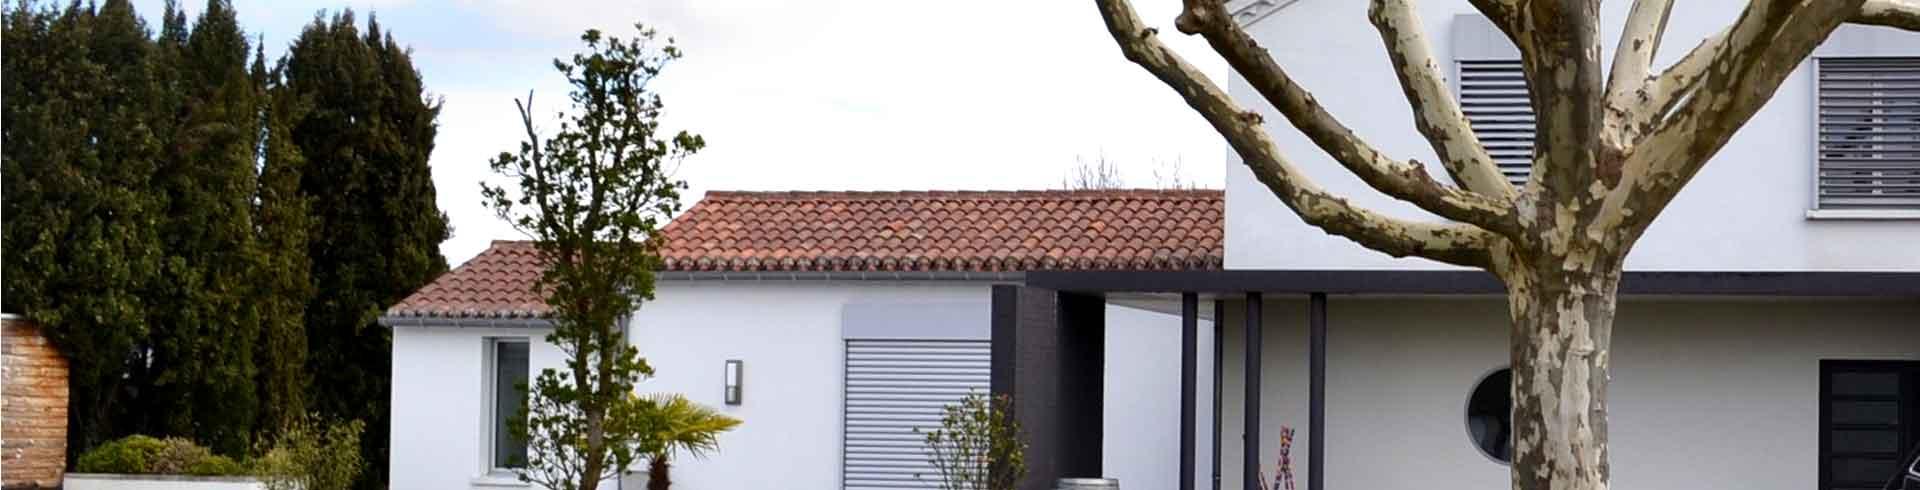 Marc Vergely Architecte Caussade réhabilitation salle des fêtes Piquecos